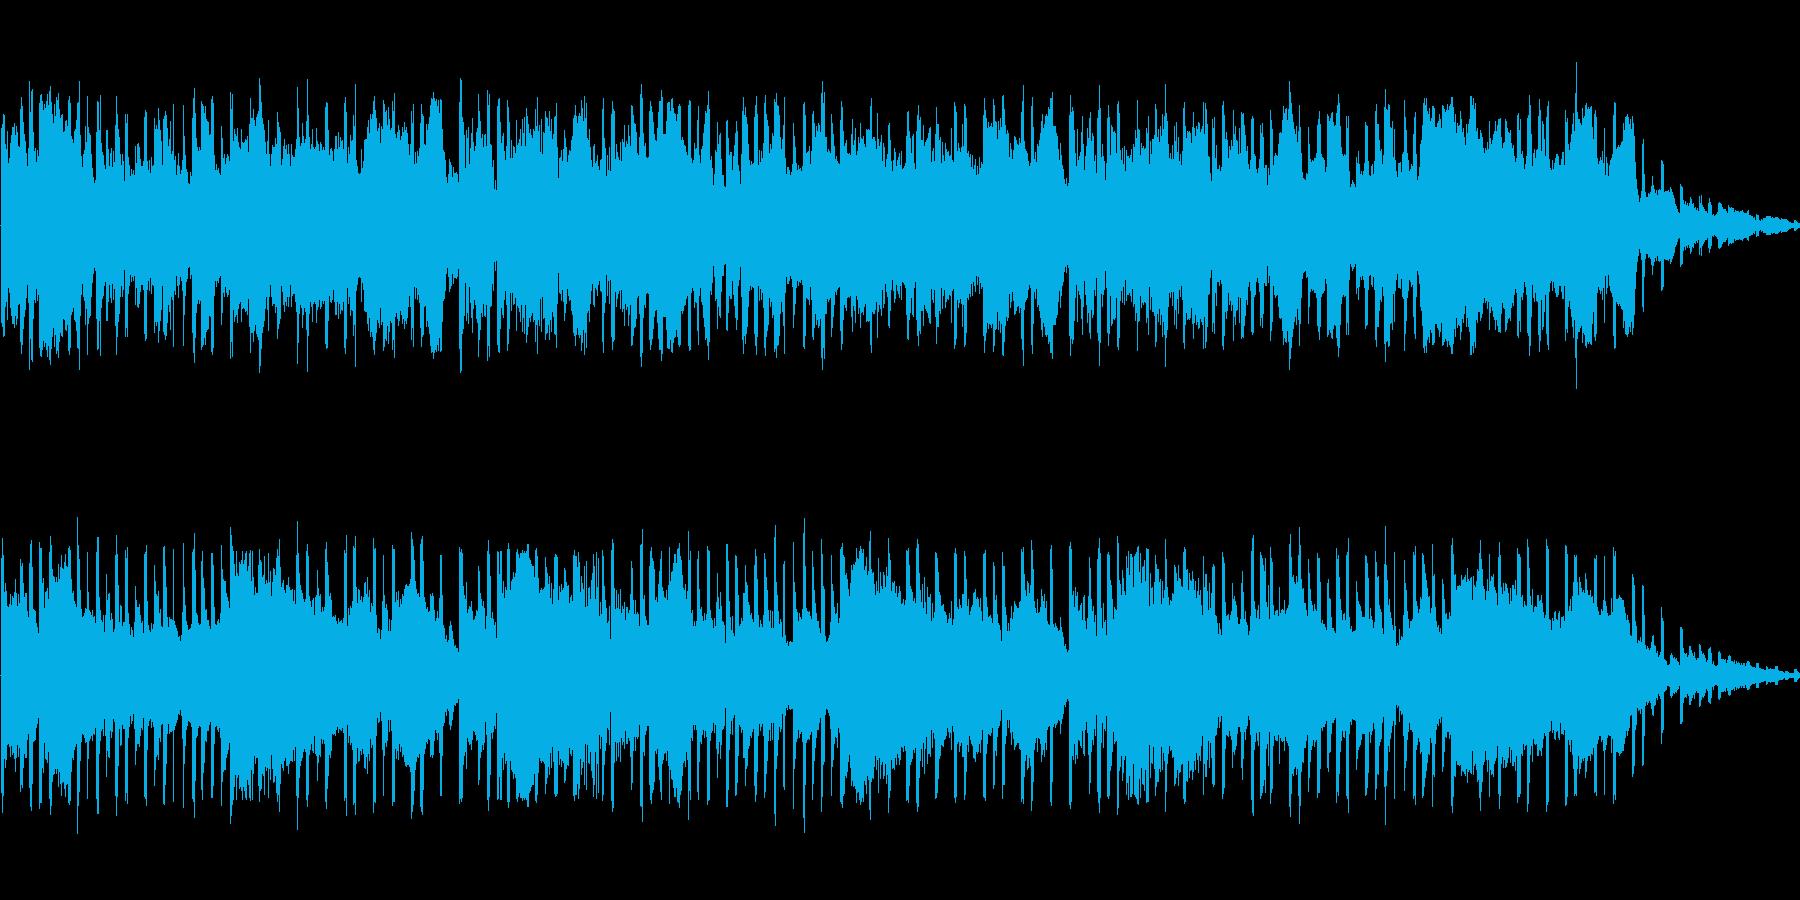 空間的な音になっています。の再生済みの波形